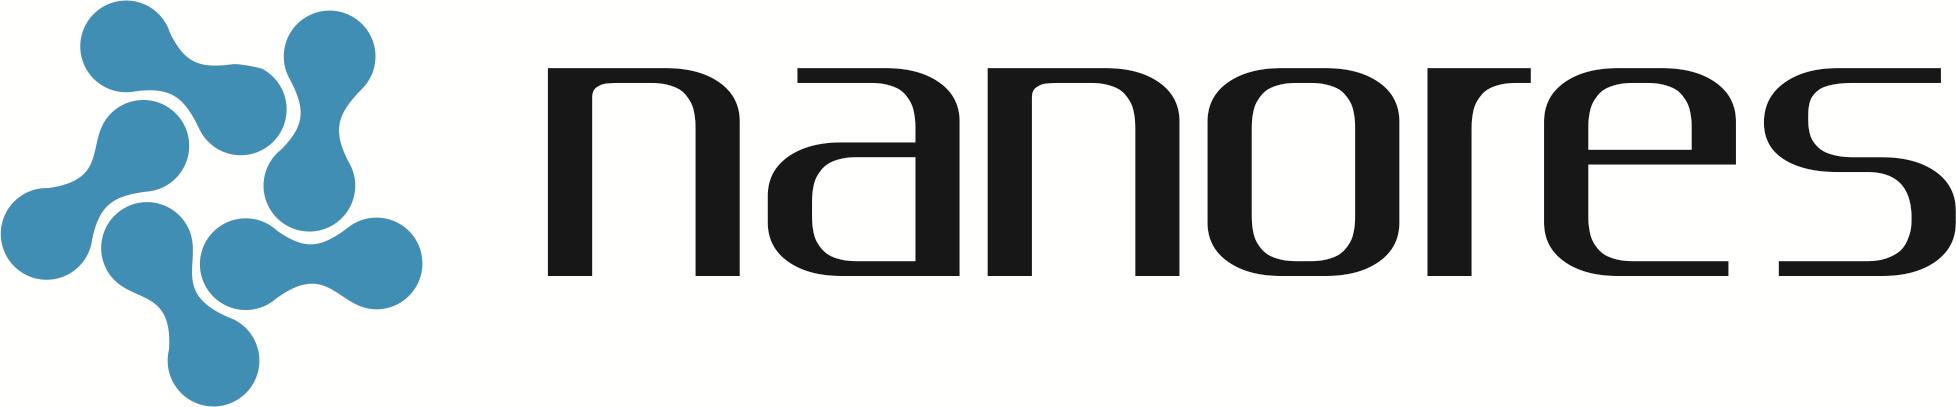 Logotyp firmy nanores